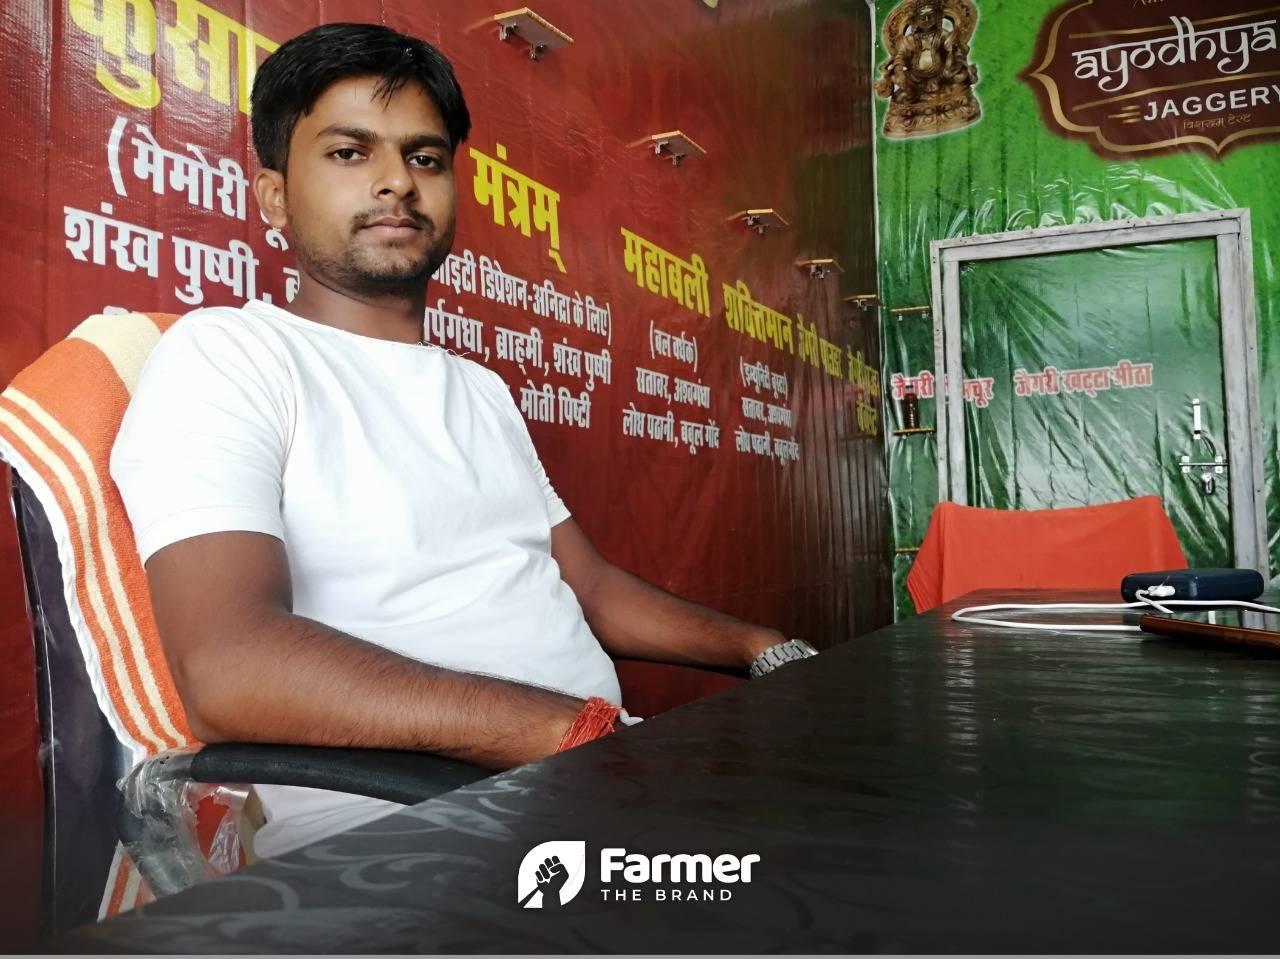 Shiv Mohan Pandey